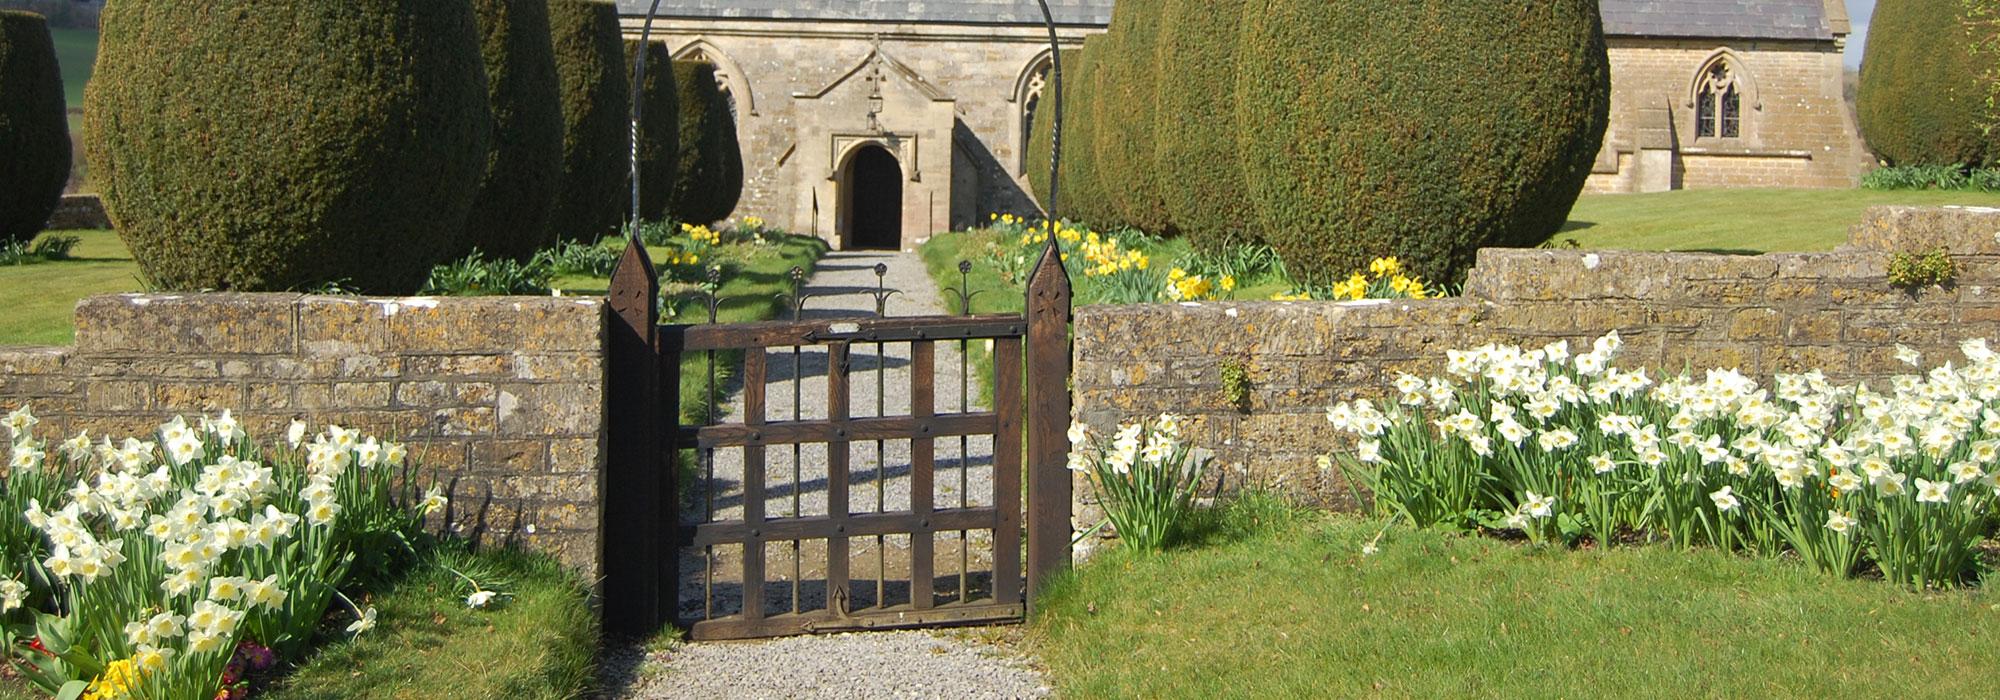 Cloford-church-a-home